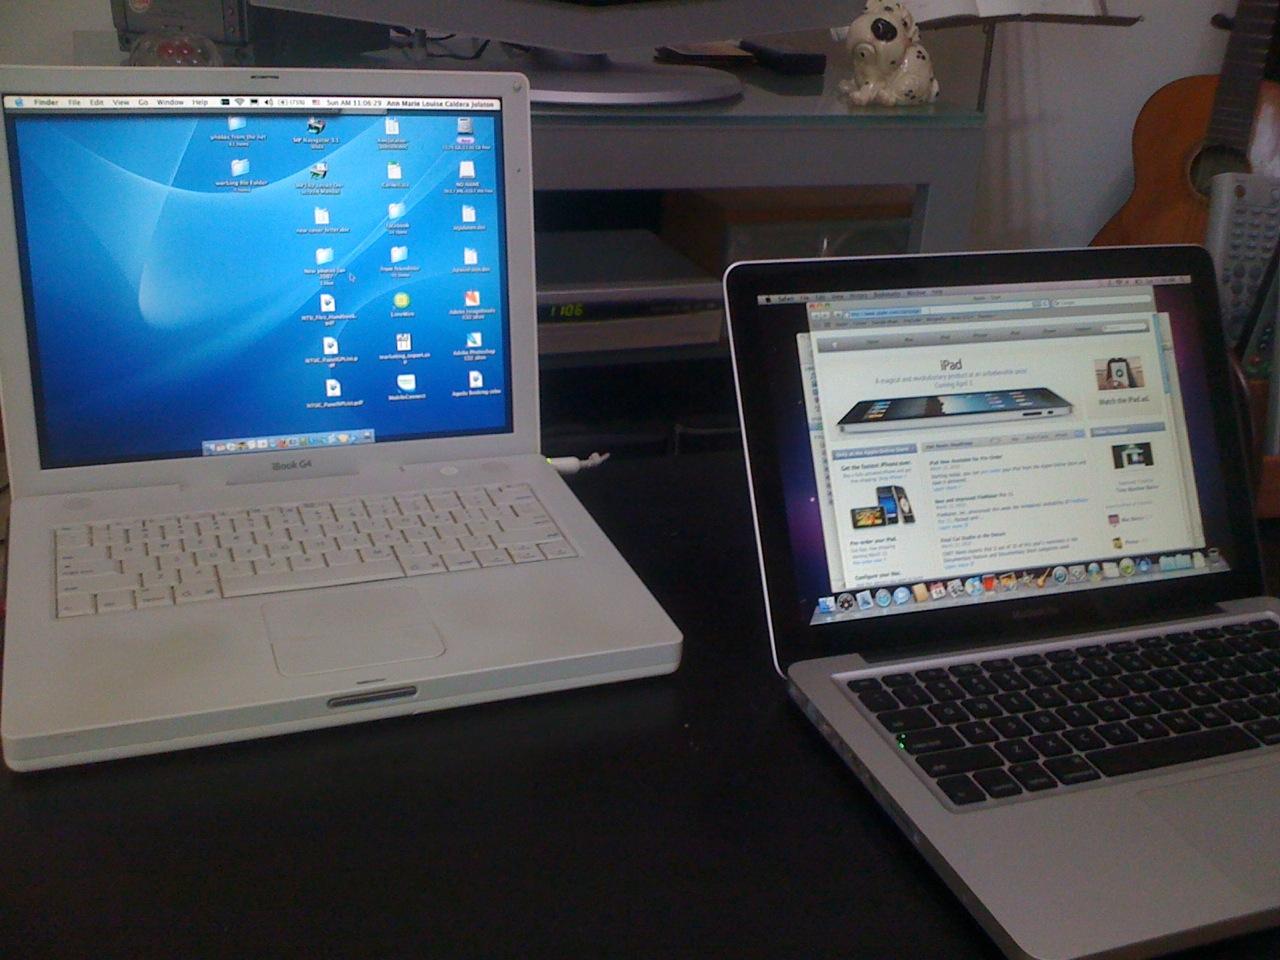 iBook G4 and MacBook Pro